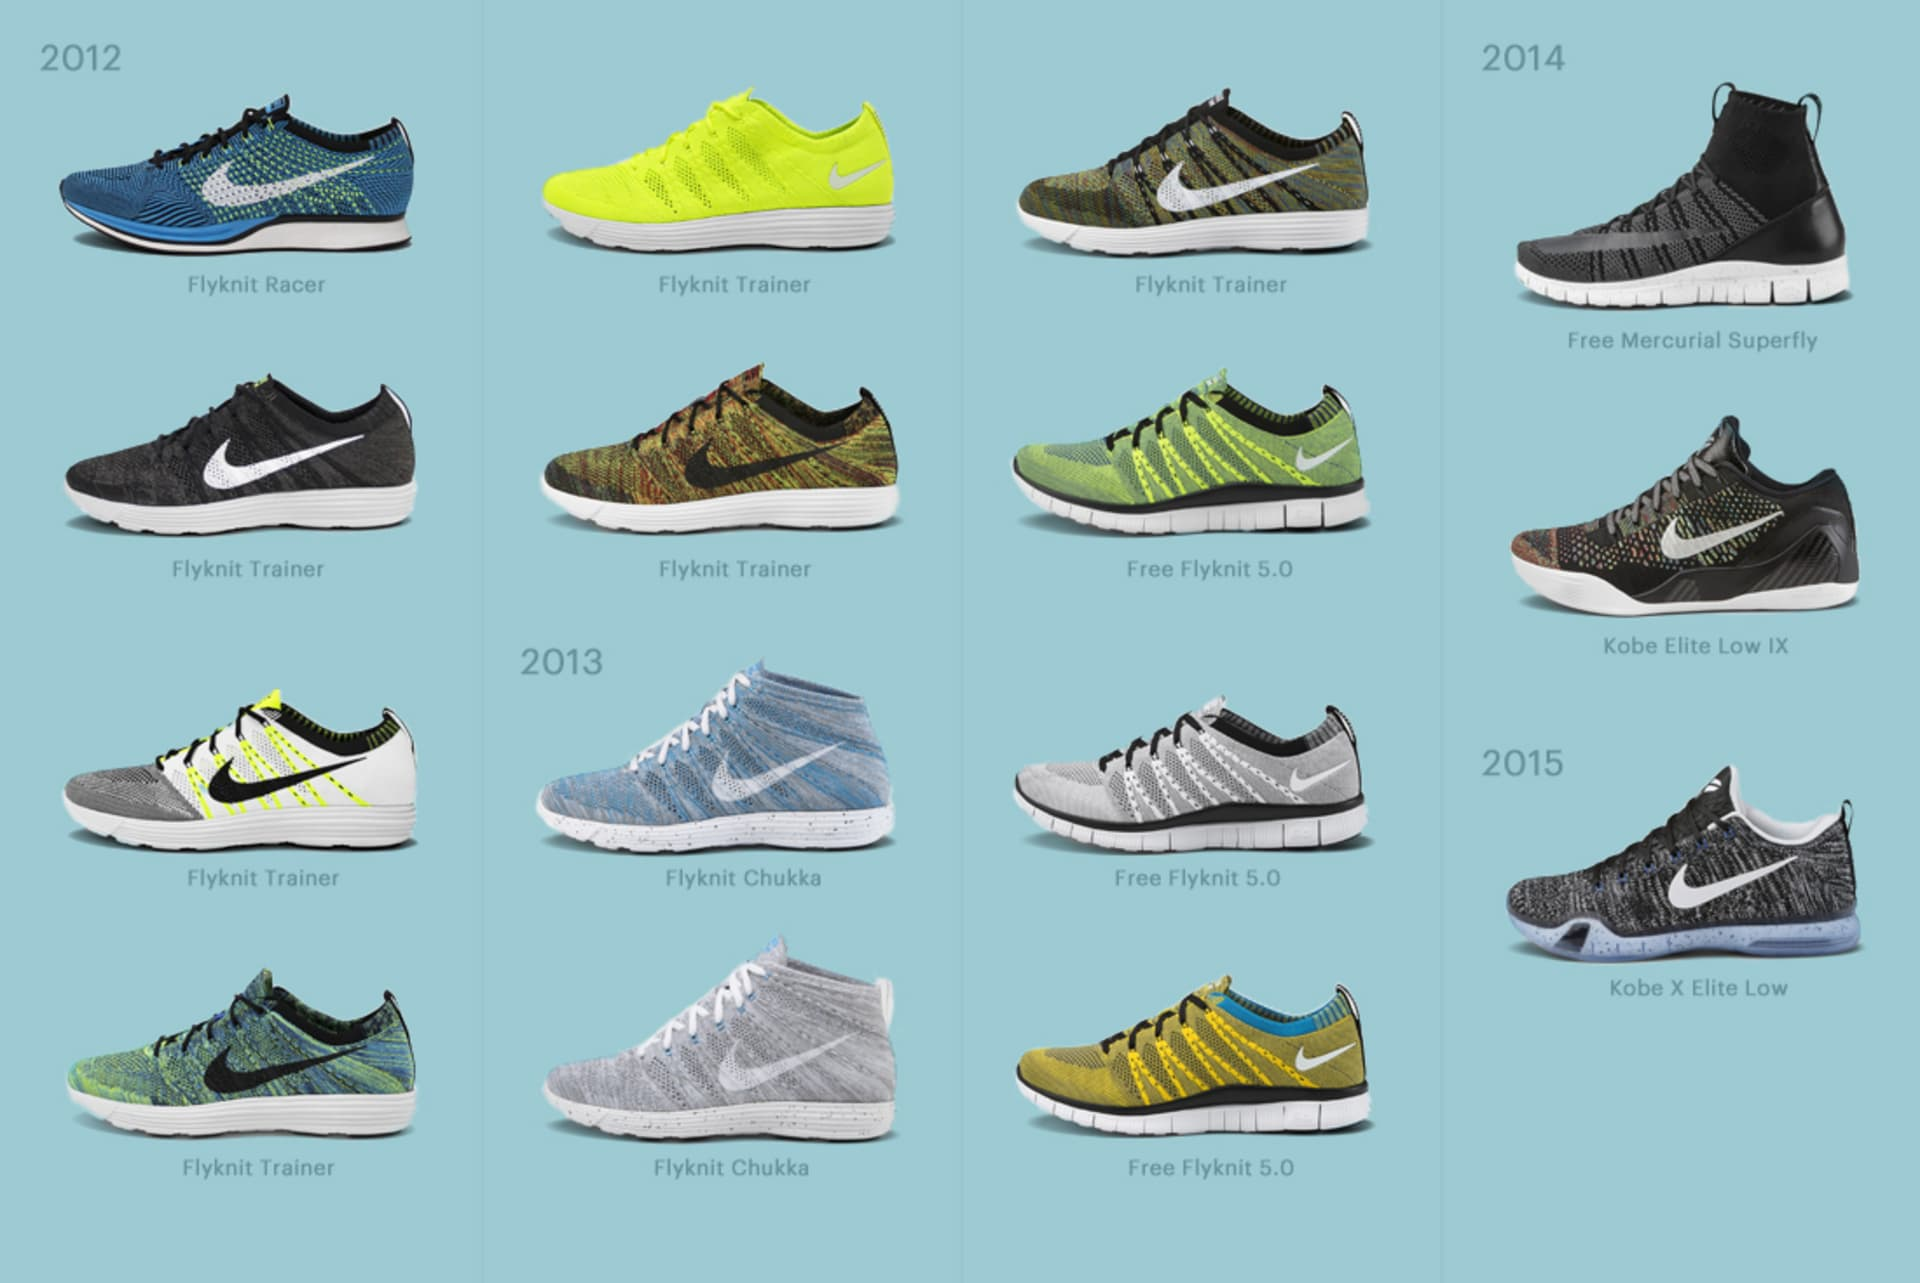 dc16b8744cd8c Images courtesy of Nike.